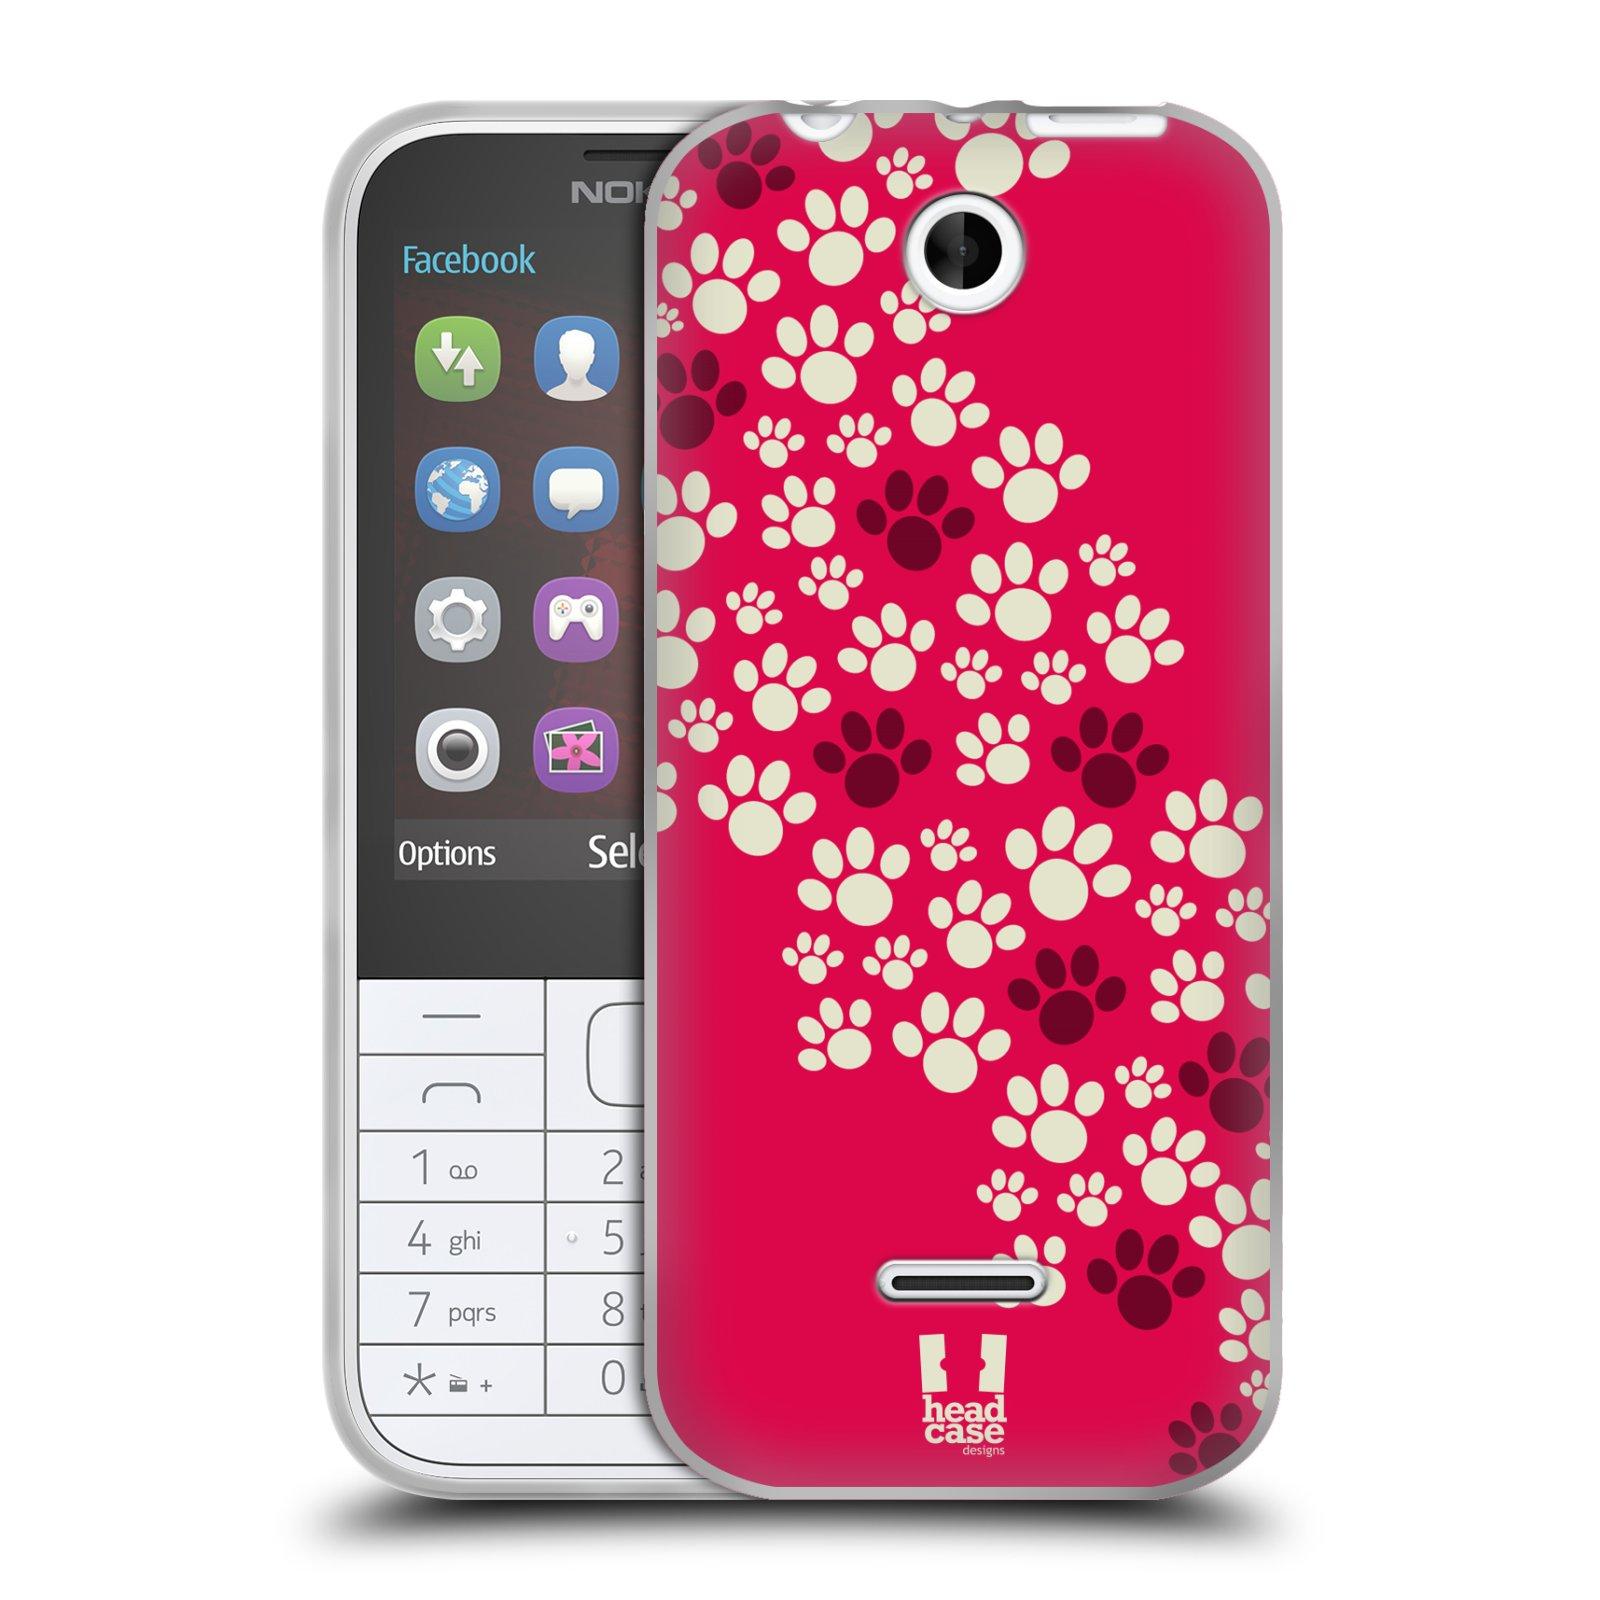 Silikonové pouzdro na mobil Nokia 225 HEAD CASE TLAPKY RŮŽOVÉ (Silikonový kryt či obal na mobilní telefon Nokia 225)